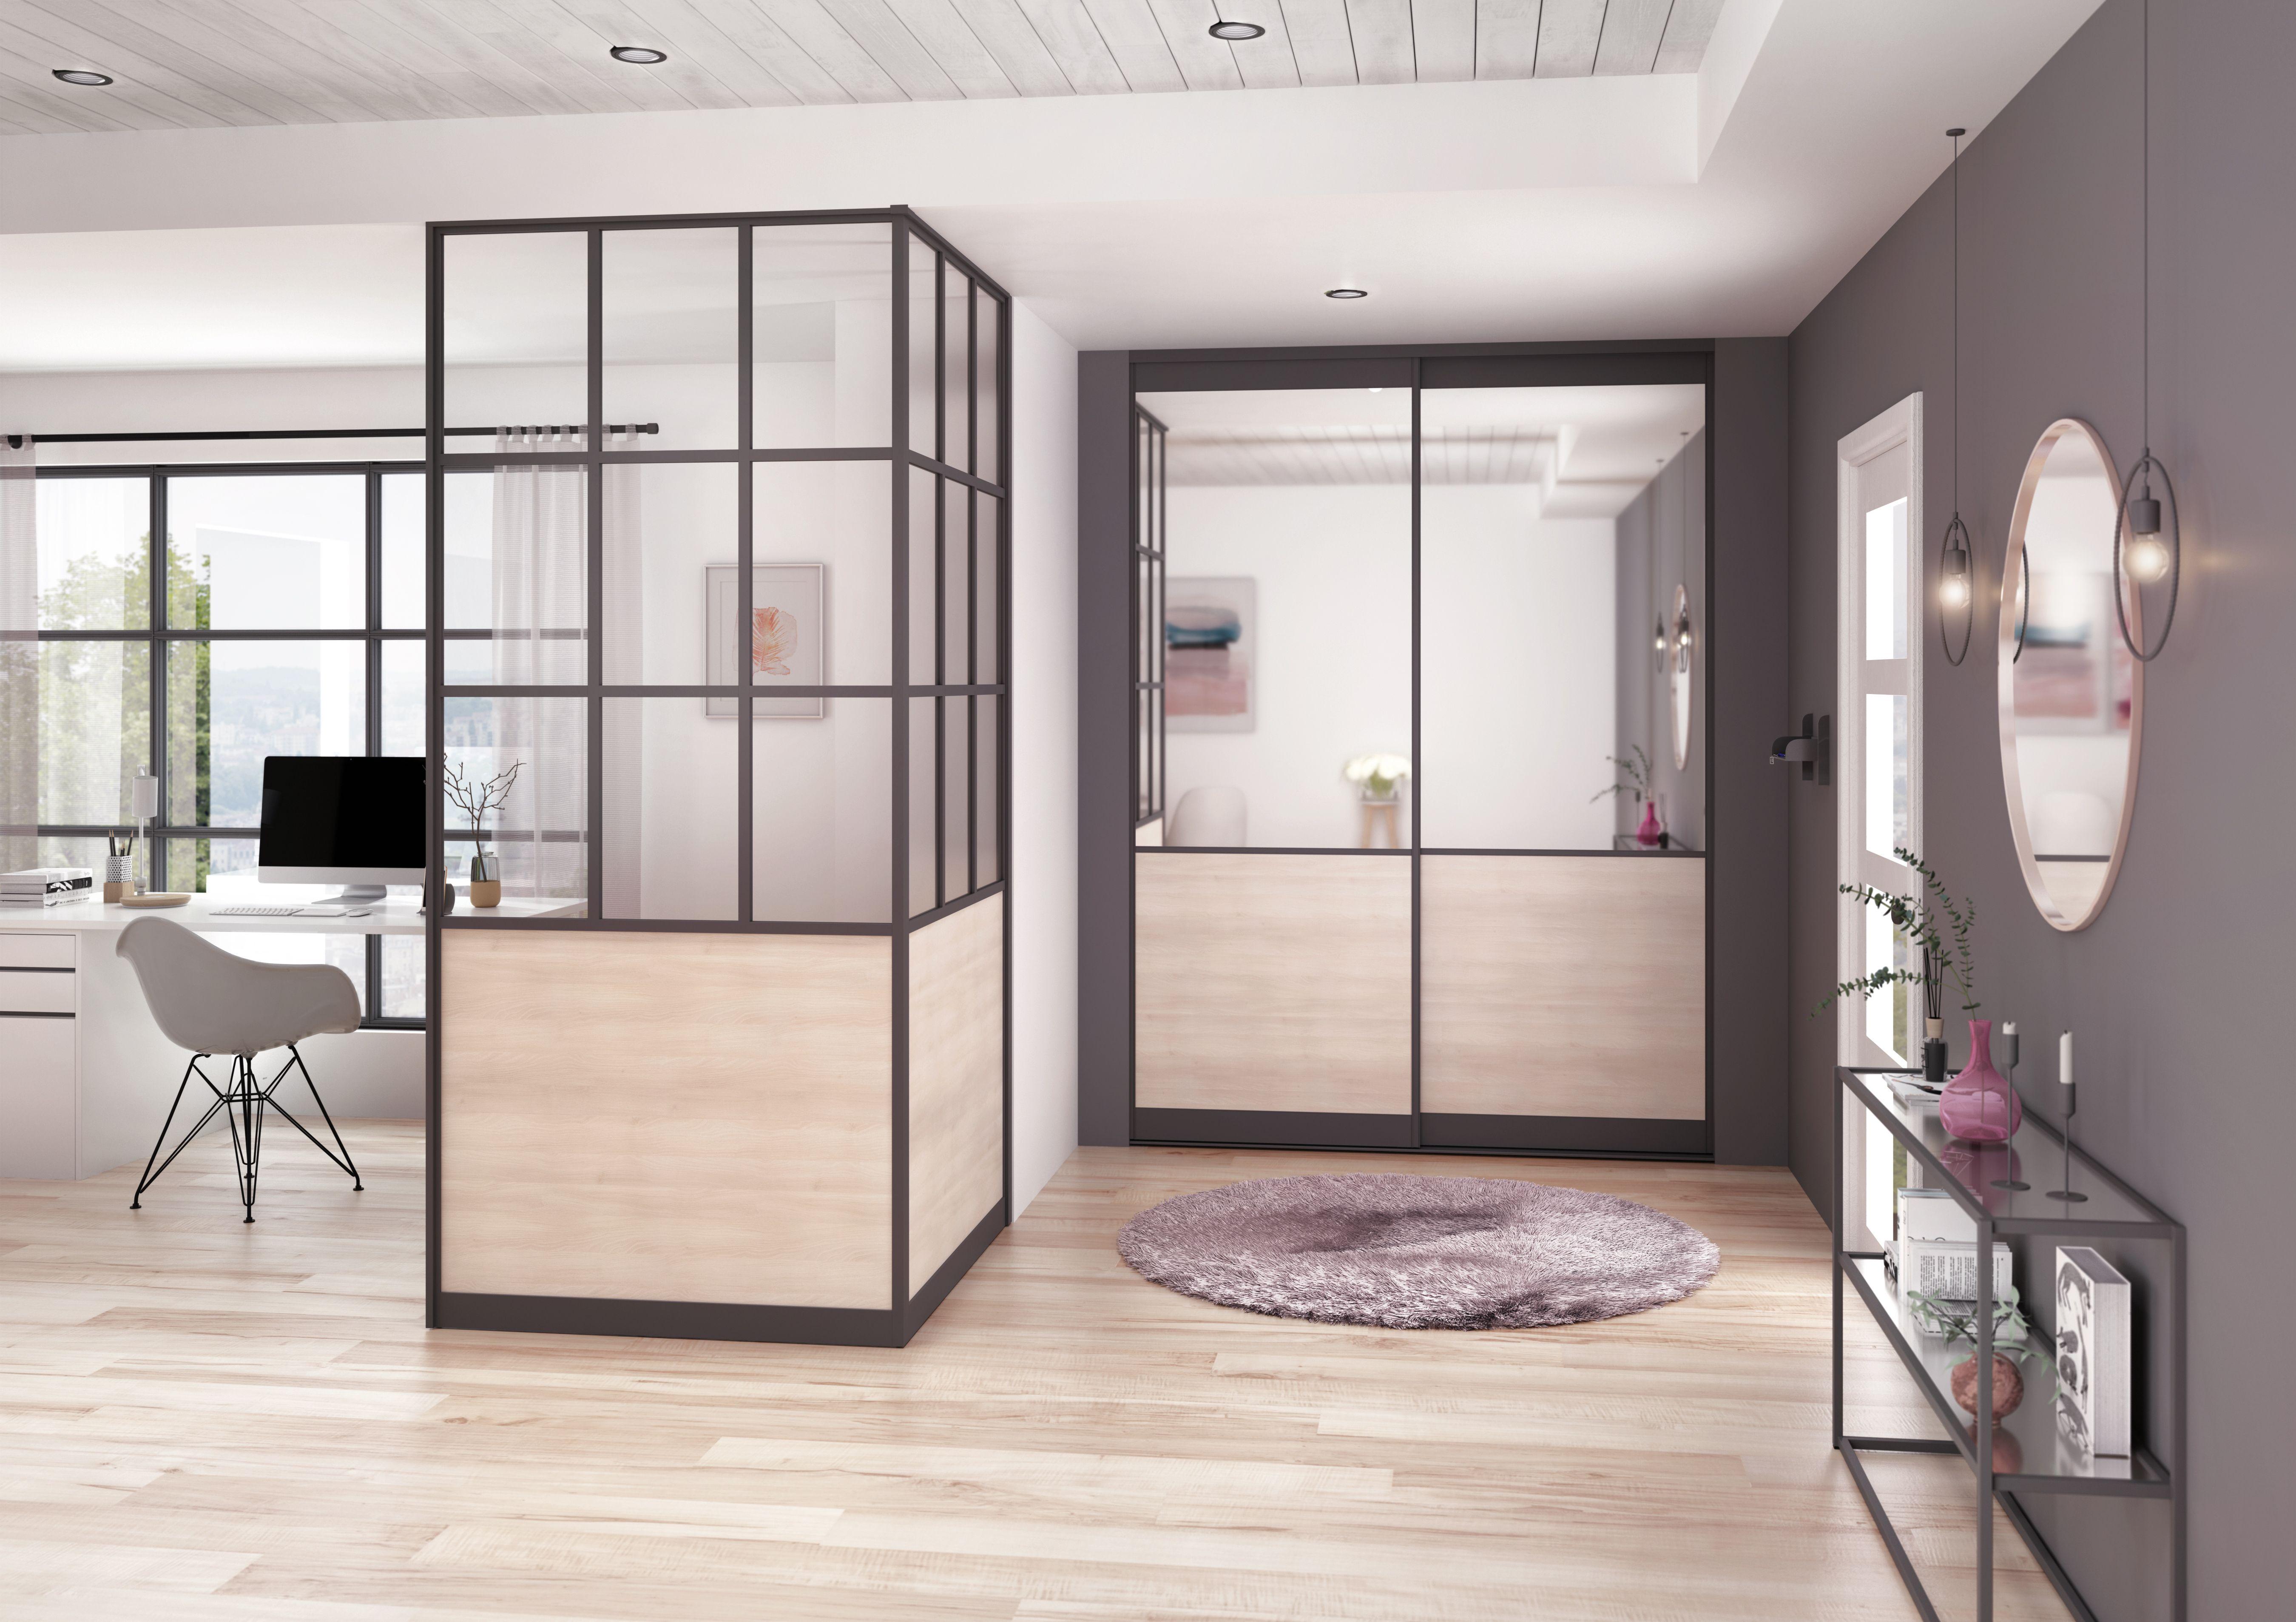 Une Entree Elegante Dans Un Style Atelier Raffine Porte Placard Porte Coulissante Porte Placard Coulissante